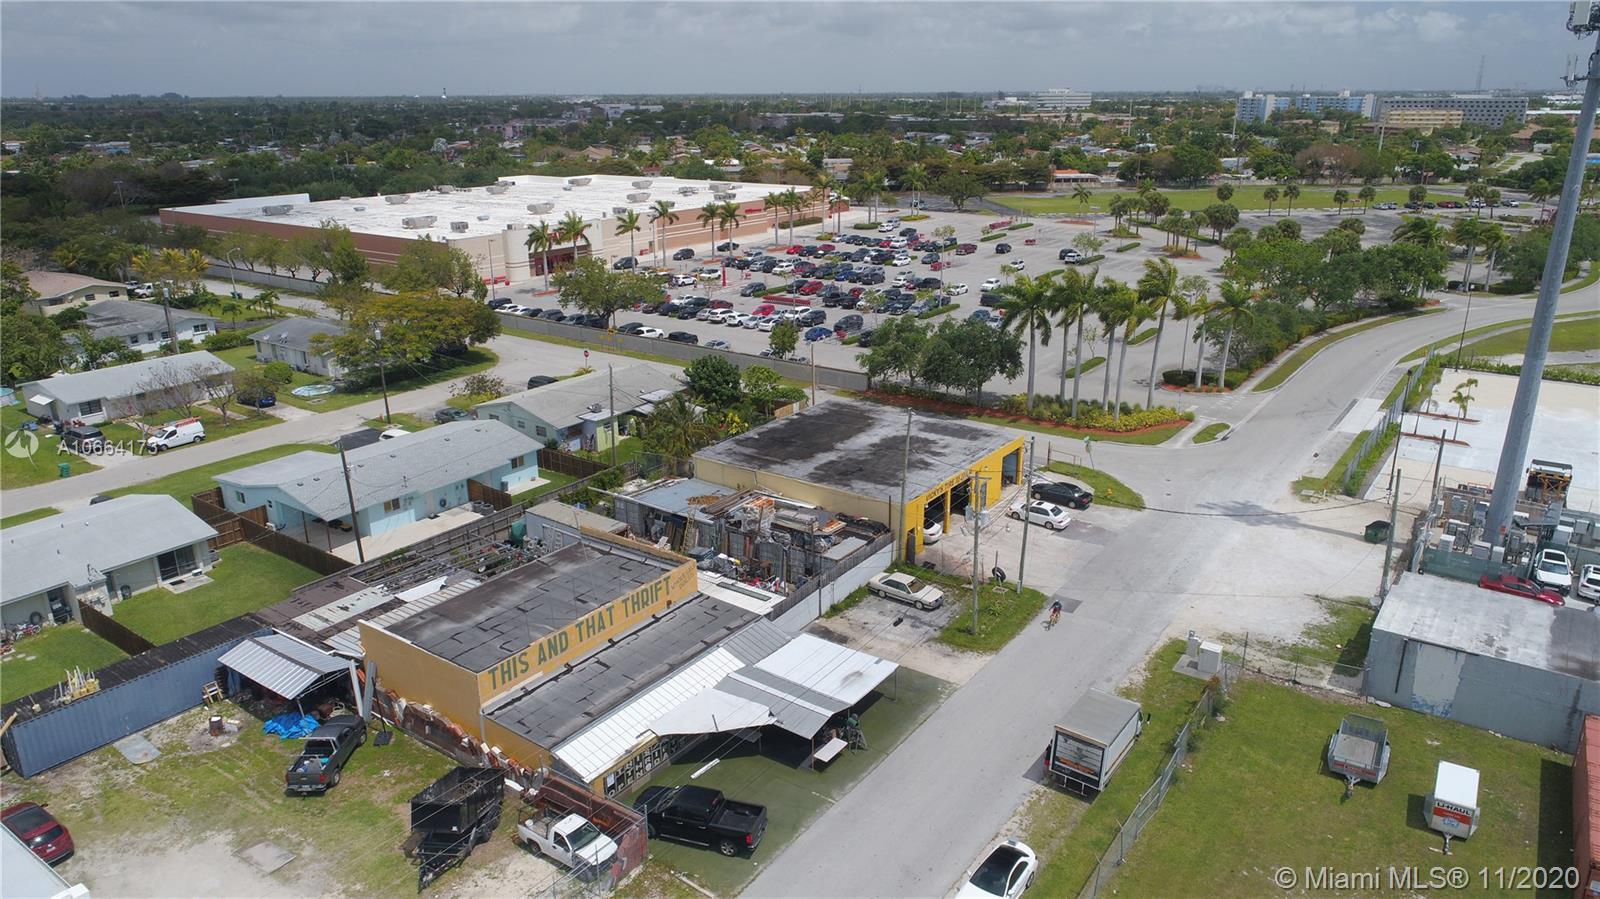 11310 SW 208th Dr, Miami, FL 33189